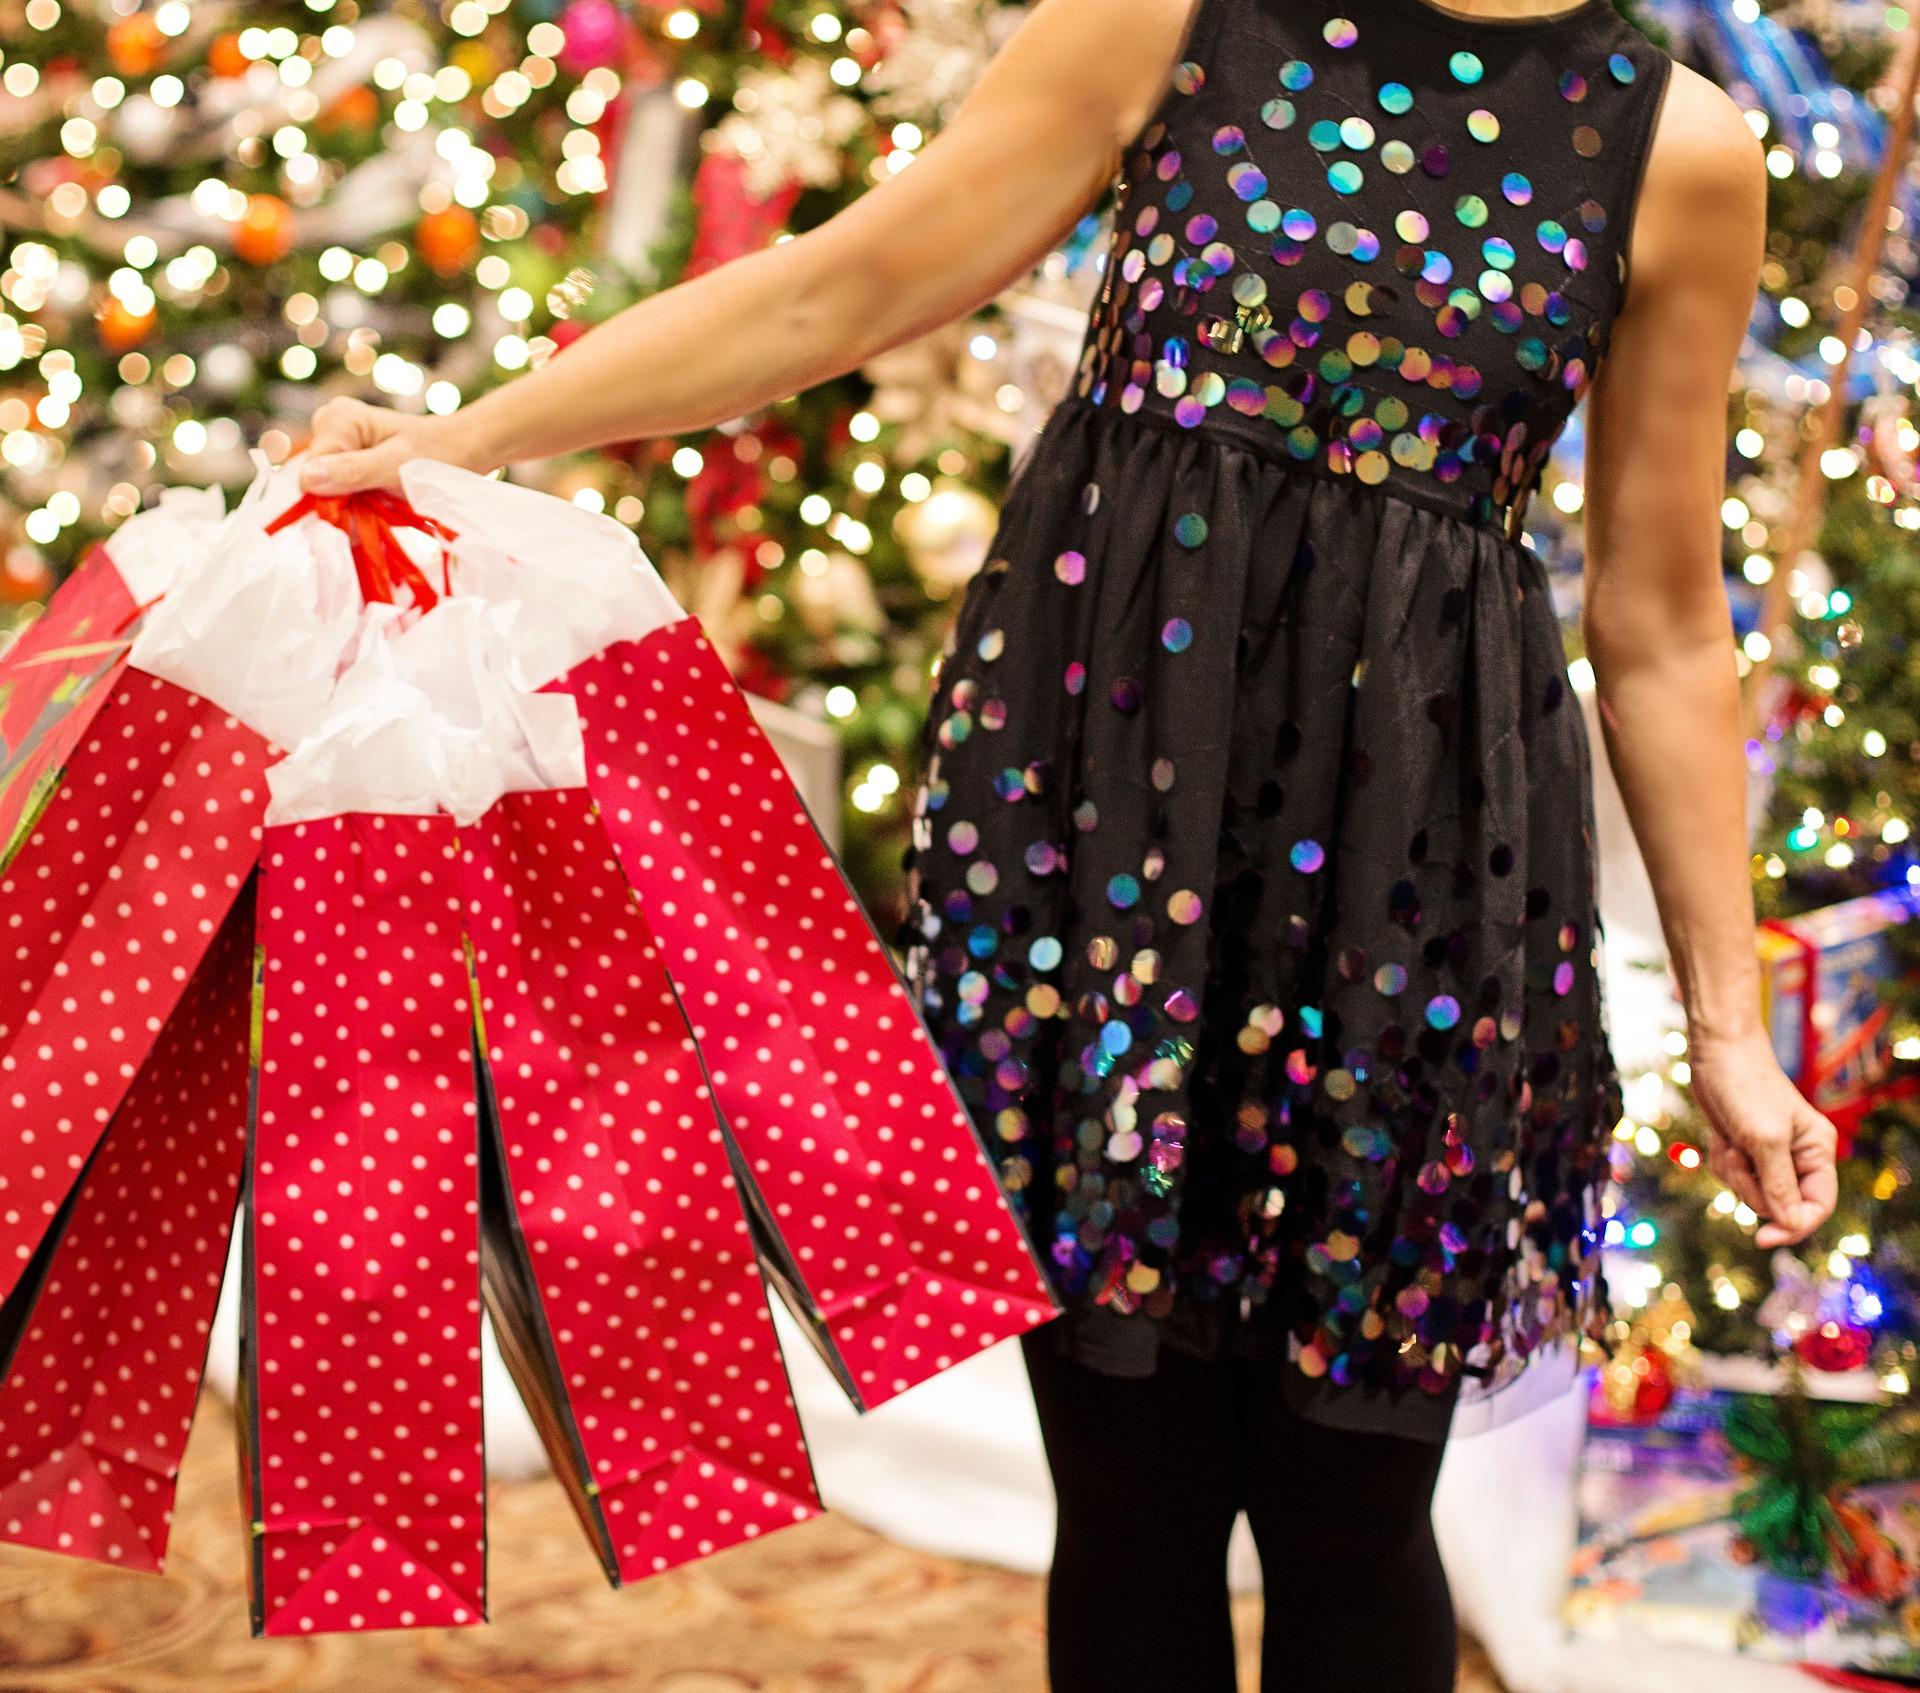 Experiência do usuário se torna recurso imprescindível para vendas de Natal